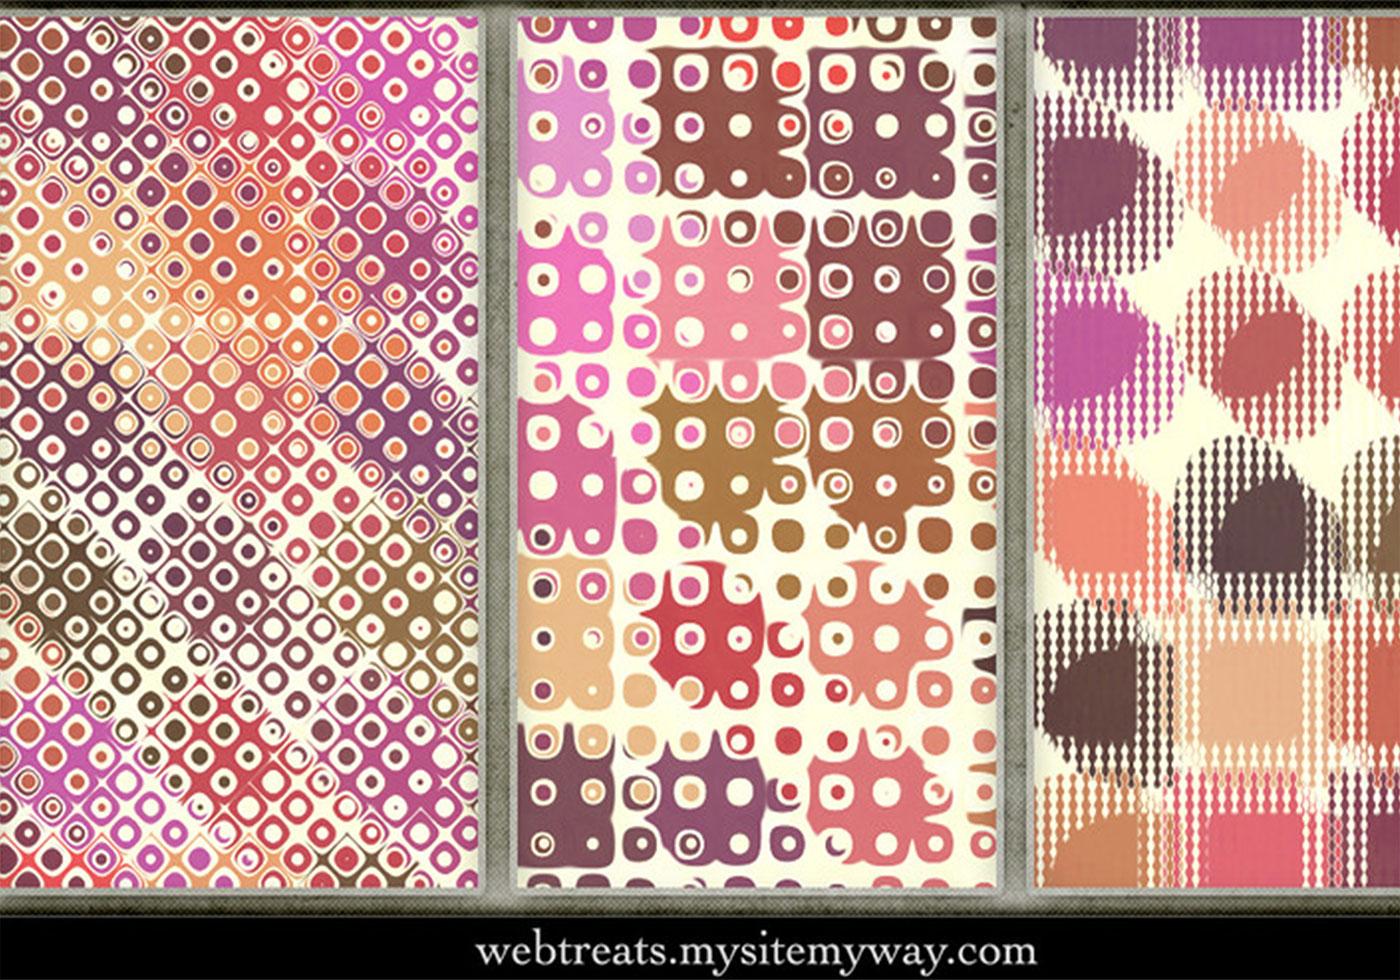 playful seamless retro patterns